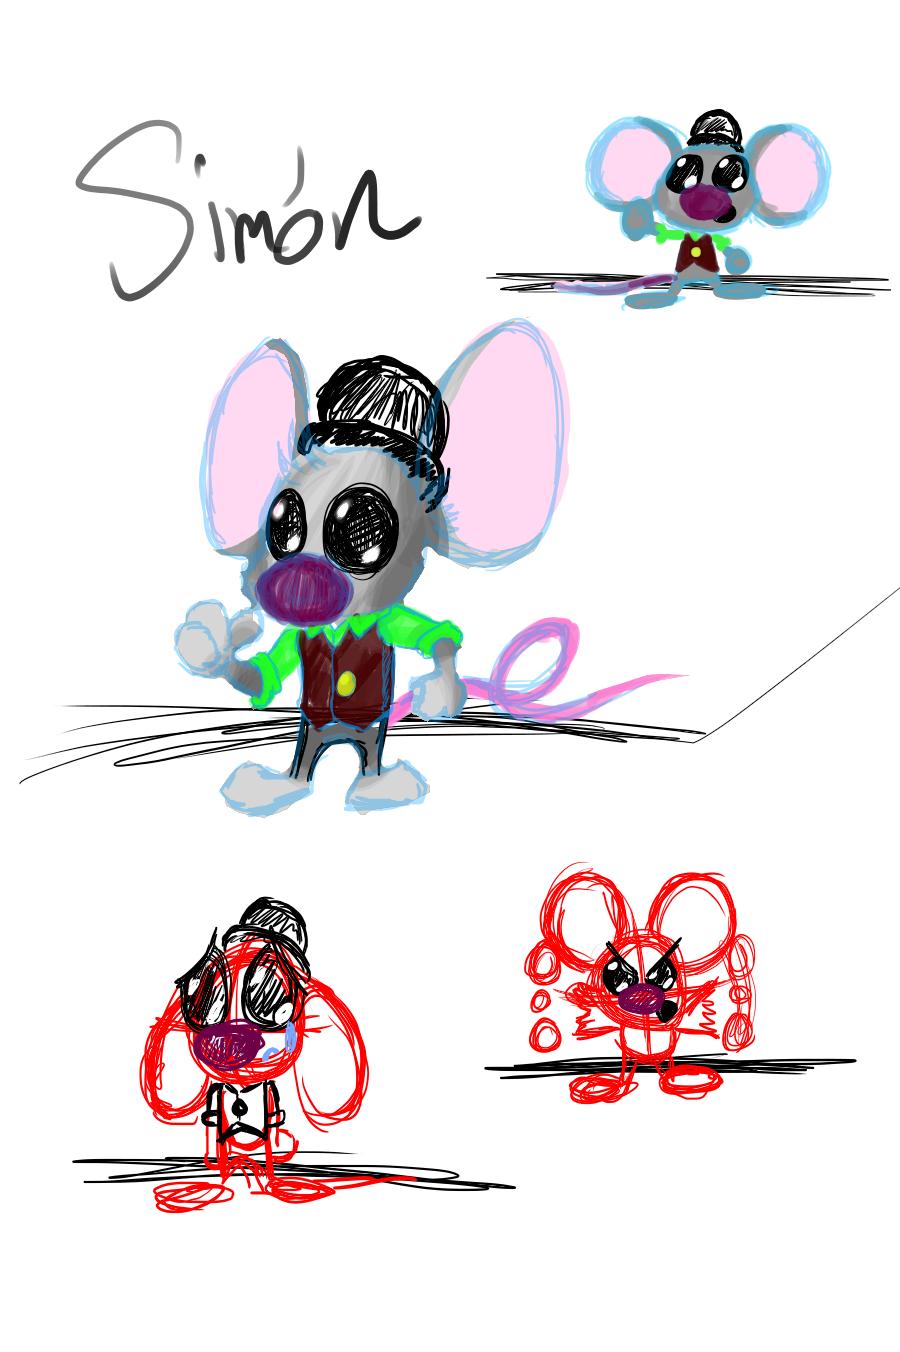 Day 1 simon le mouse